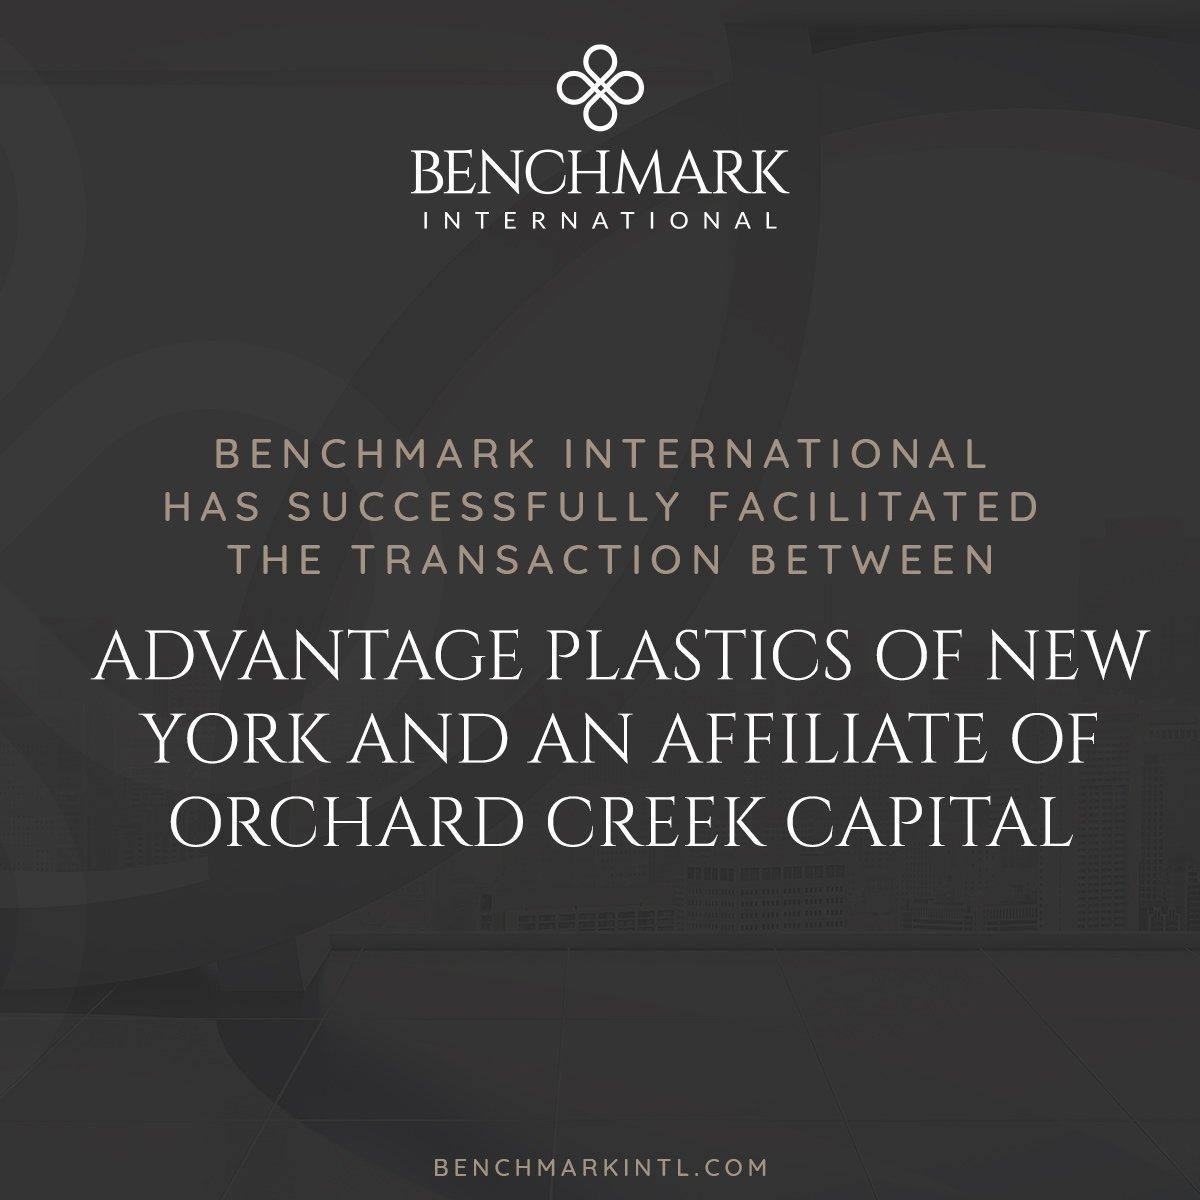 Advantage_Plastics_&_Orchard_Creek_Capital_Social